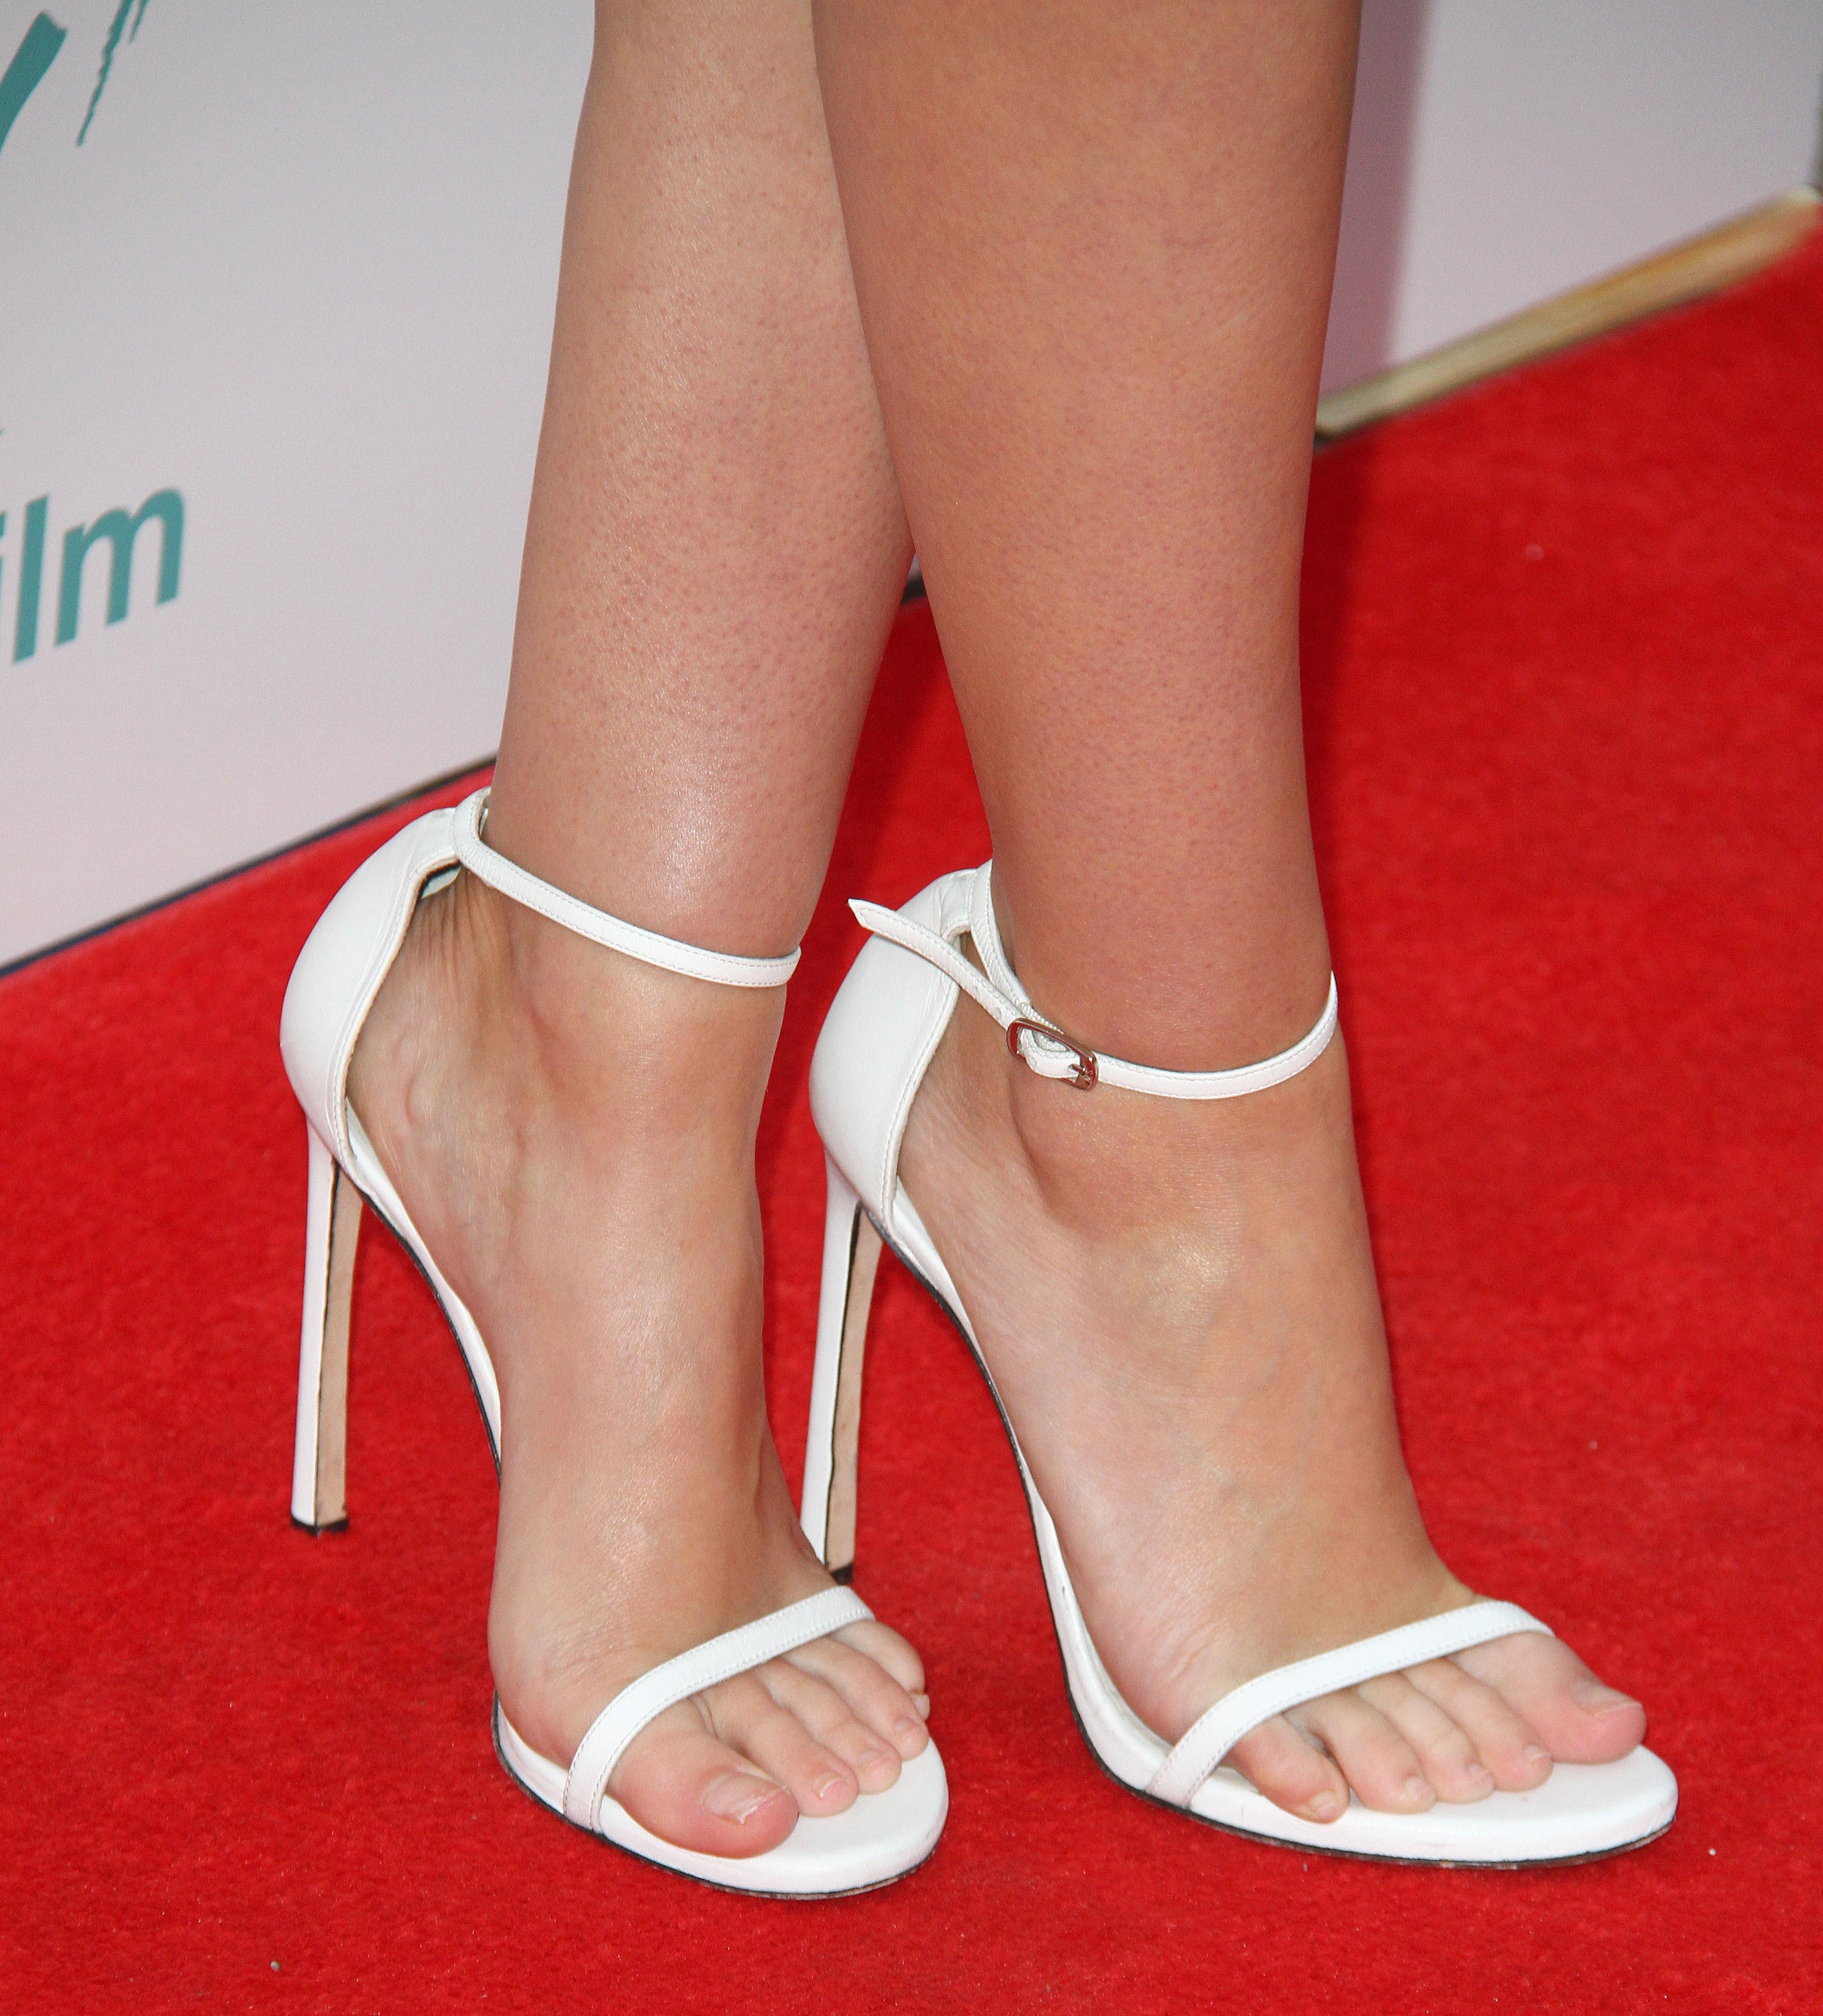 sexy feet girl